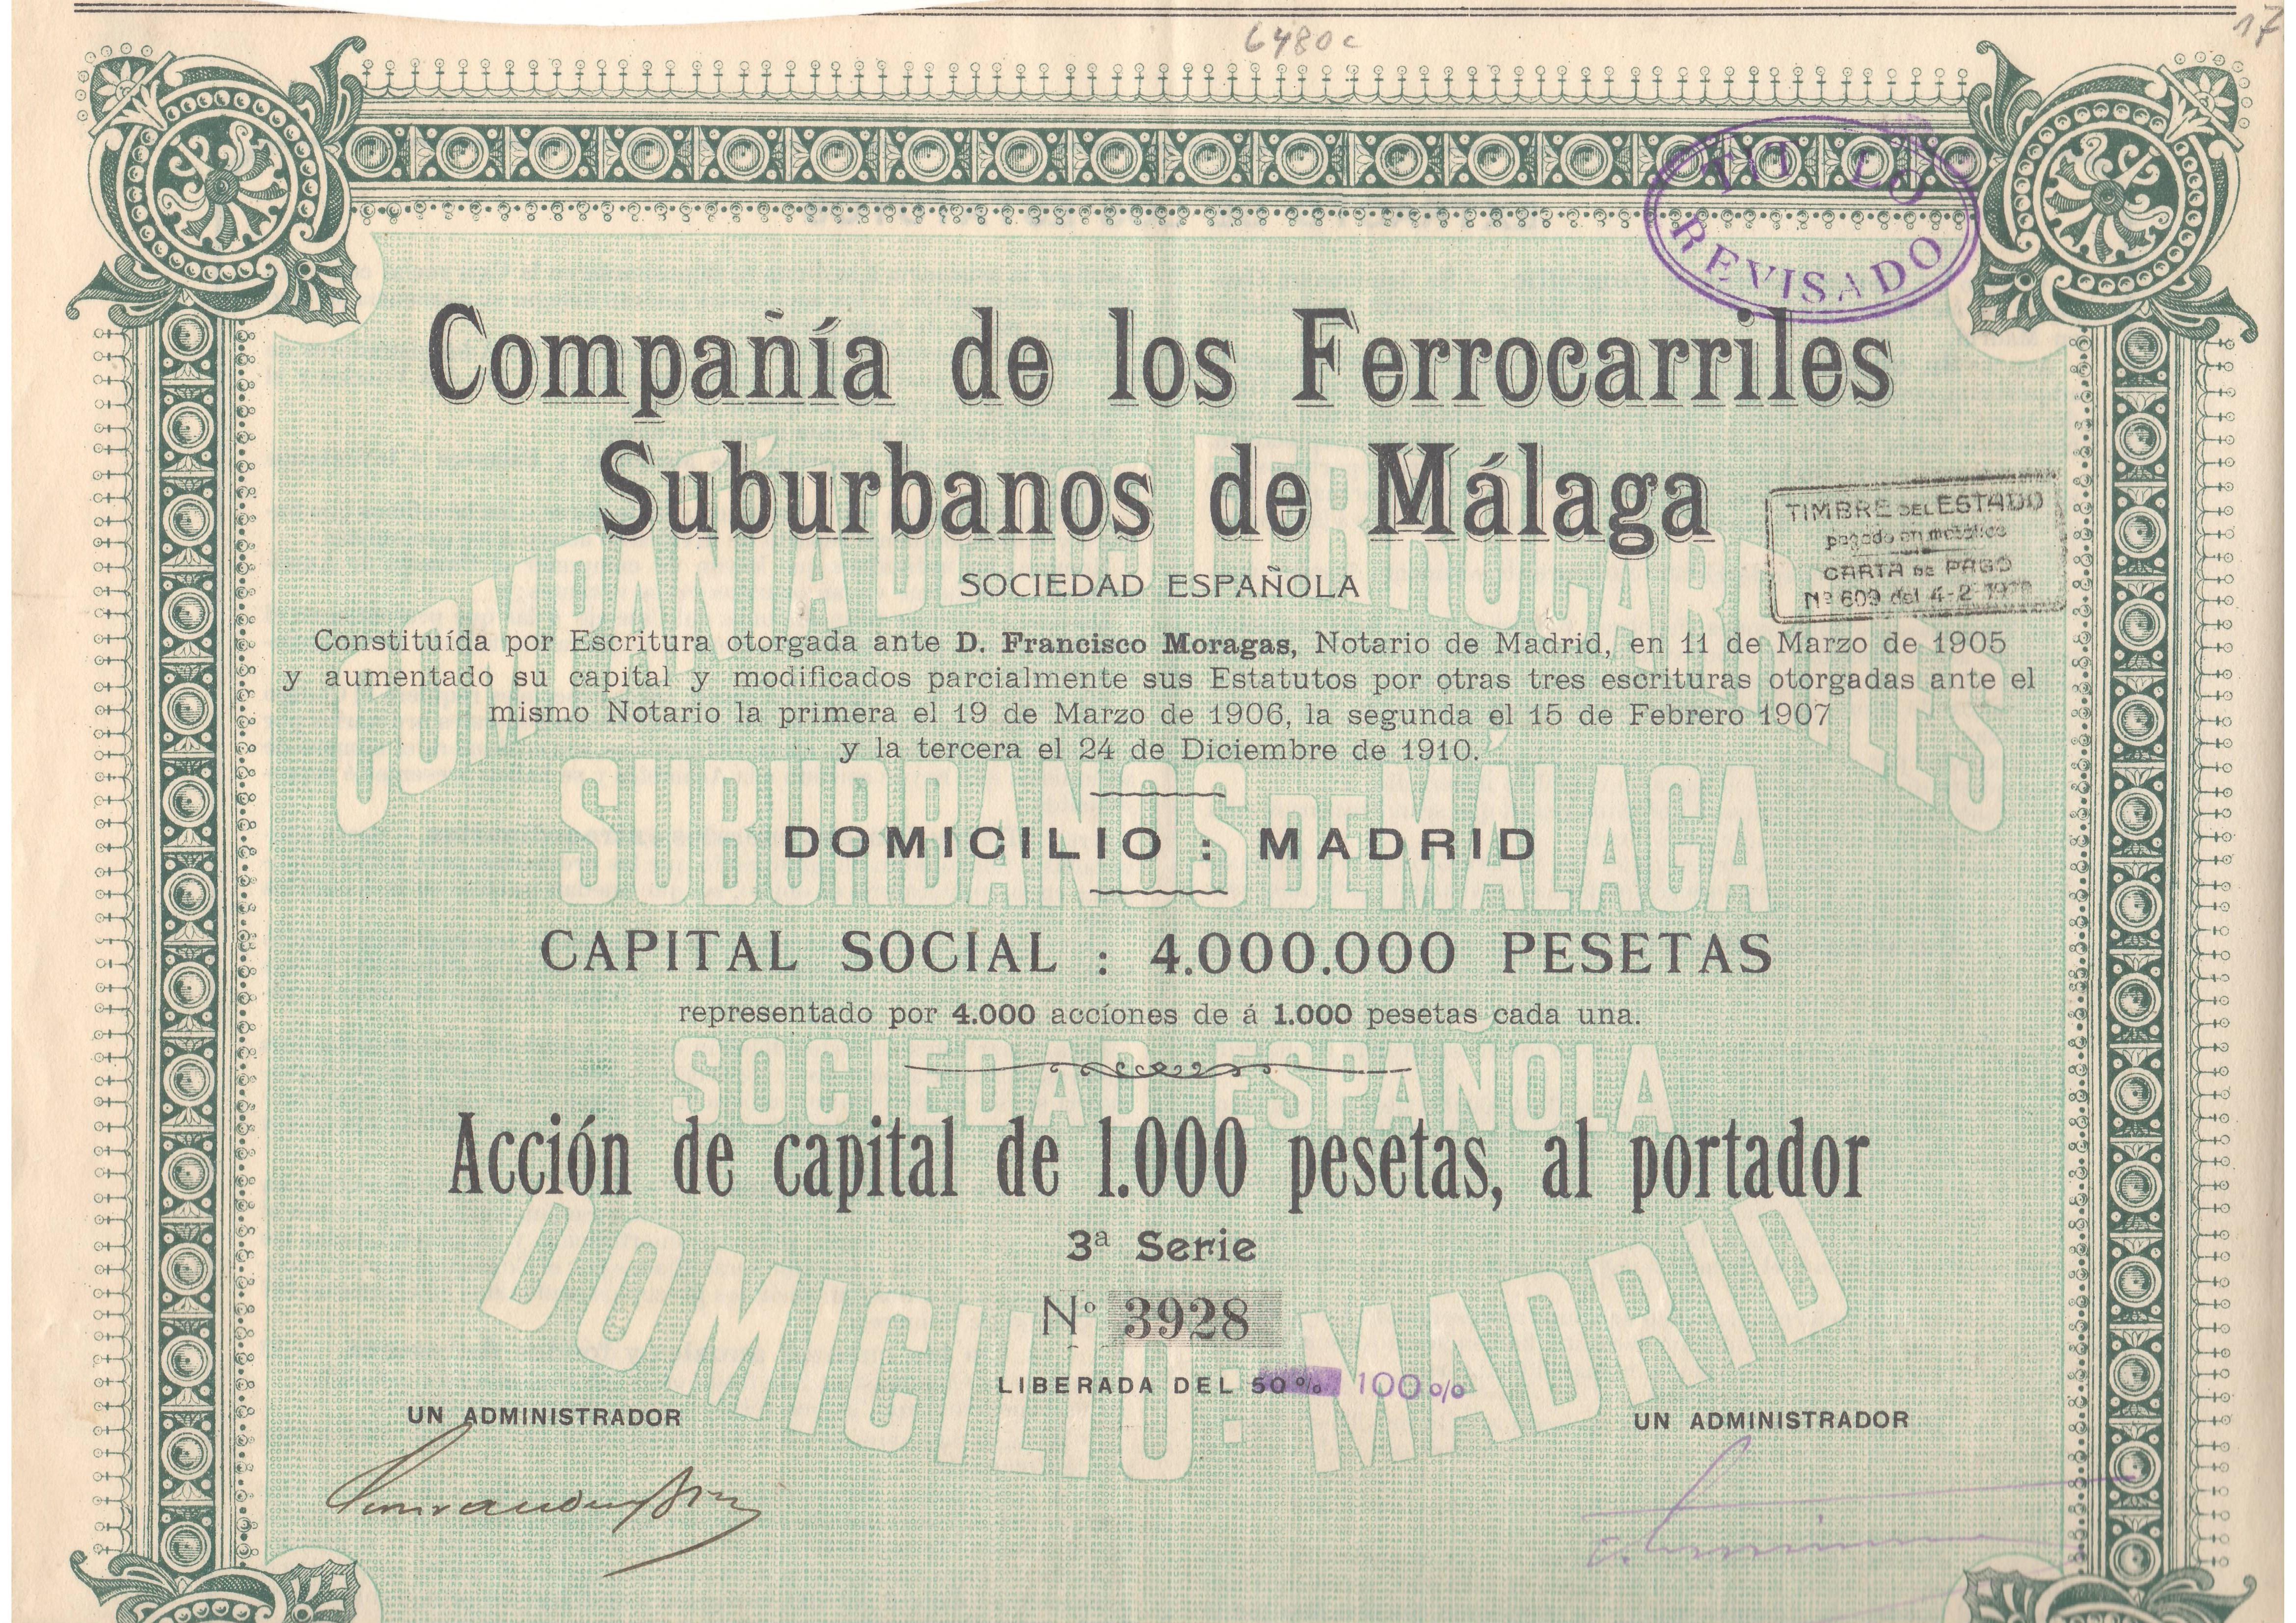 Compañía de los Ferrocarriles Suburbanos de Málaga